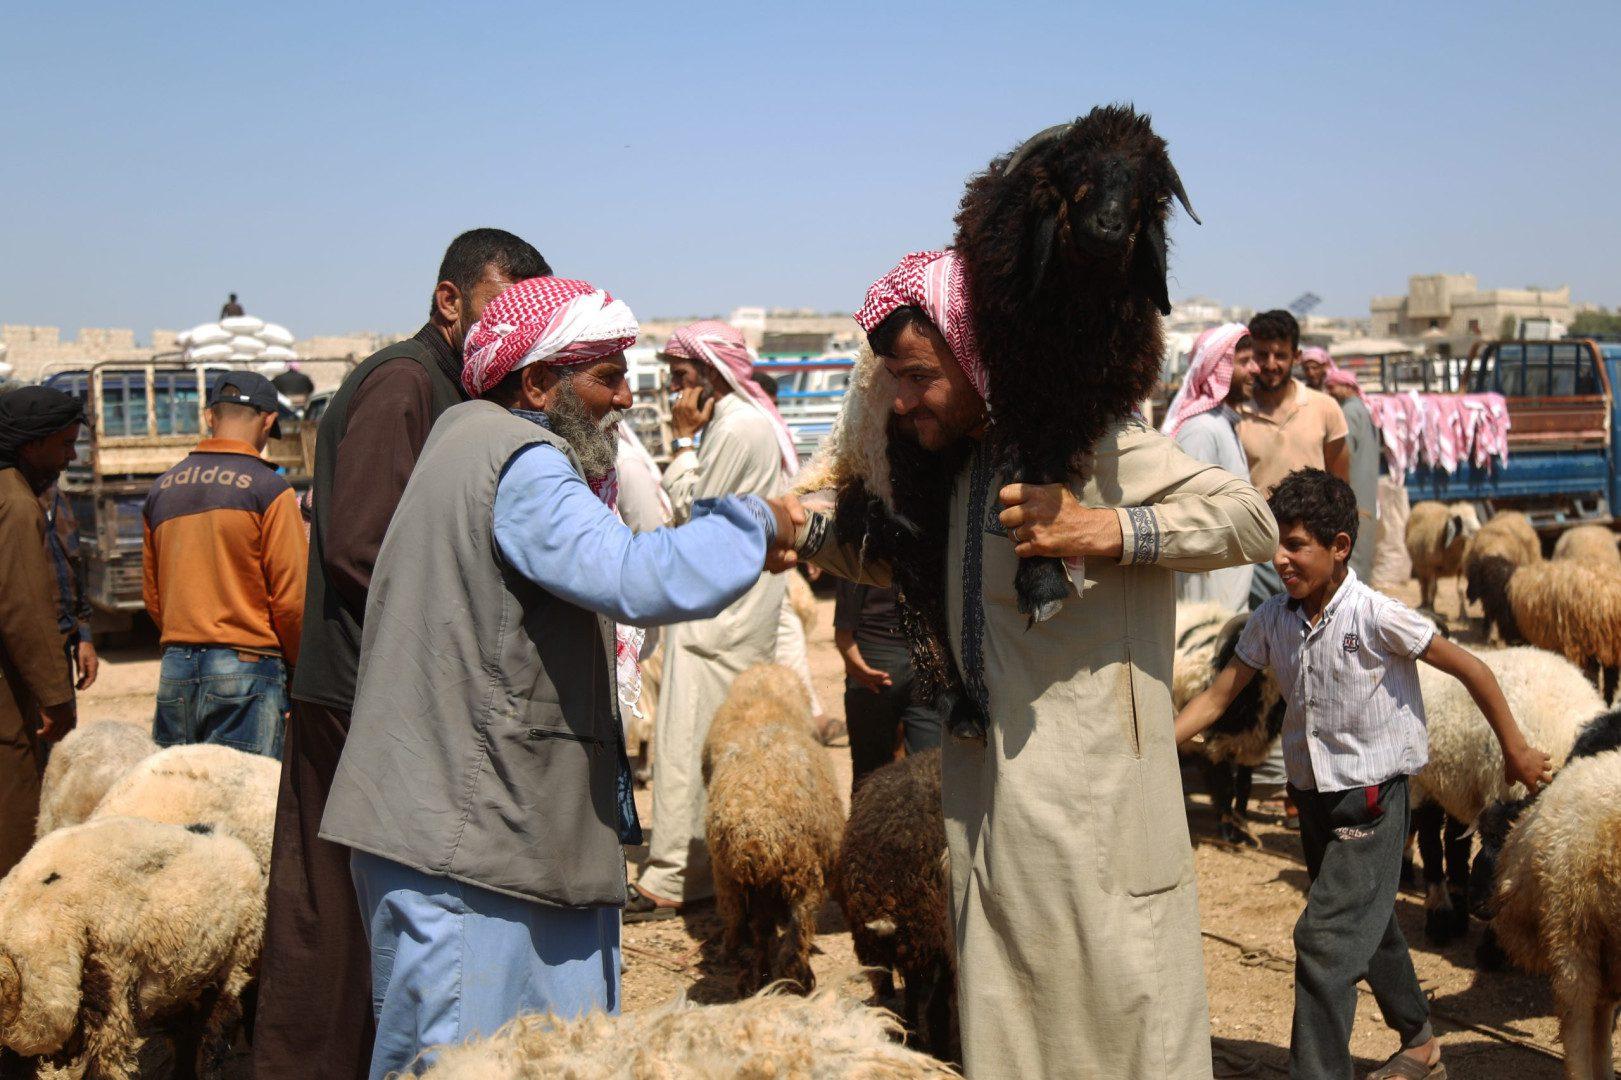 رجل يحمل خروفاً على كتفيه أثناء مصافحته رجلاً آخر في سوق البردقلي للمواشي غرب مدينة الدانا بريف إدلب الشمالي، 20/ 7/ 2021 (سوريا على طول/علي حاج سليمان)